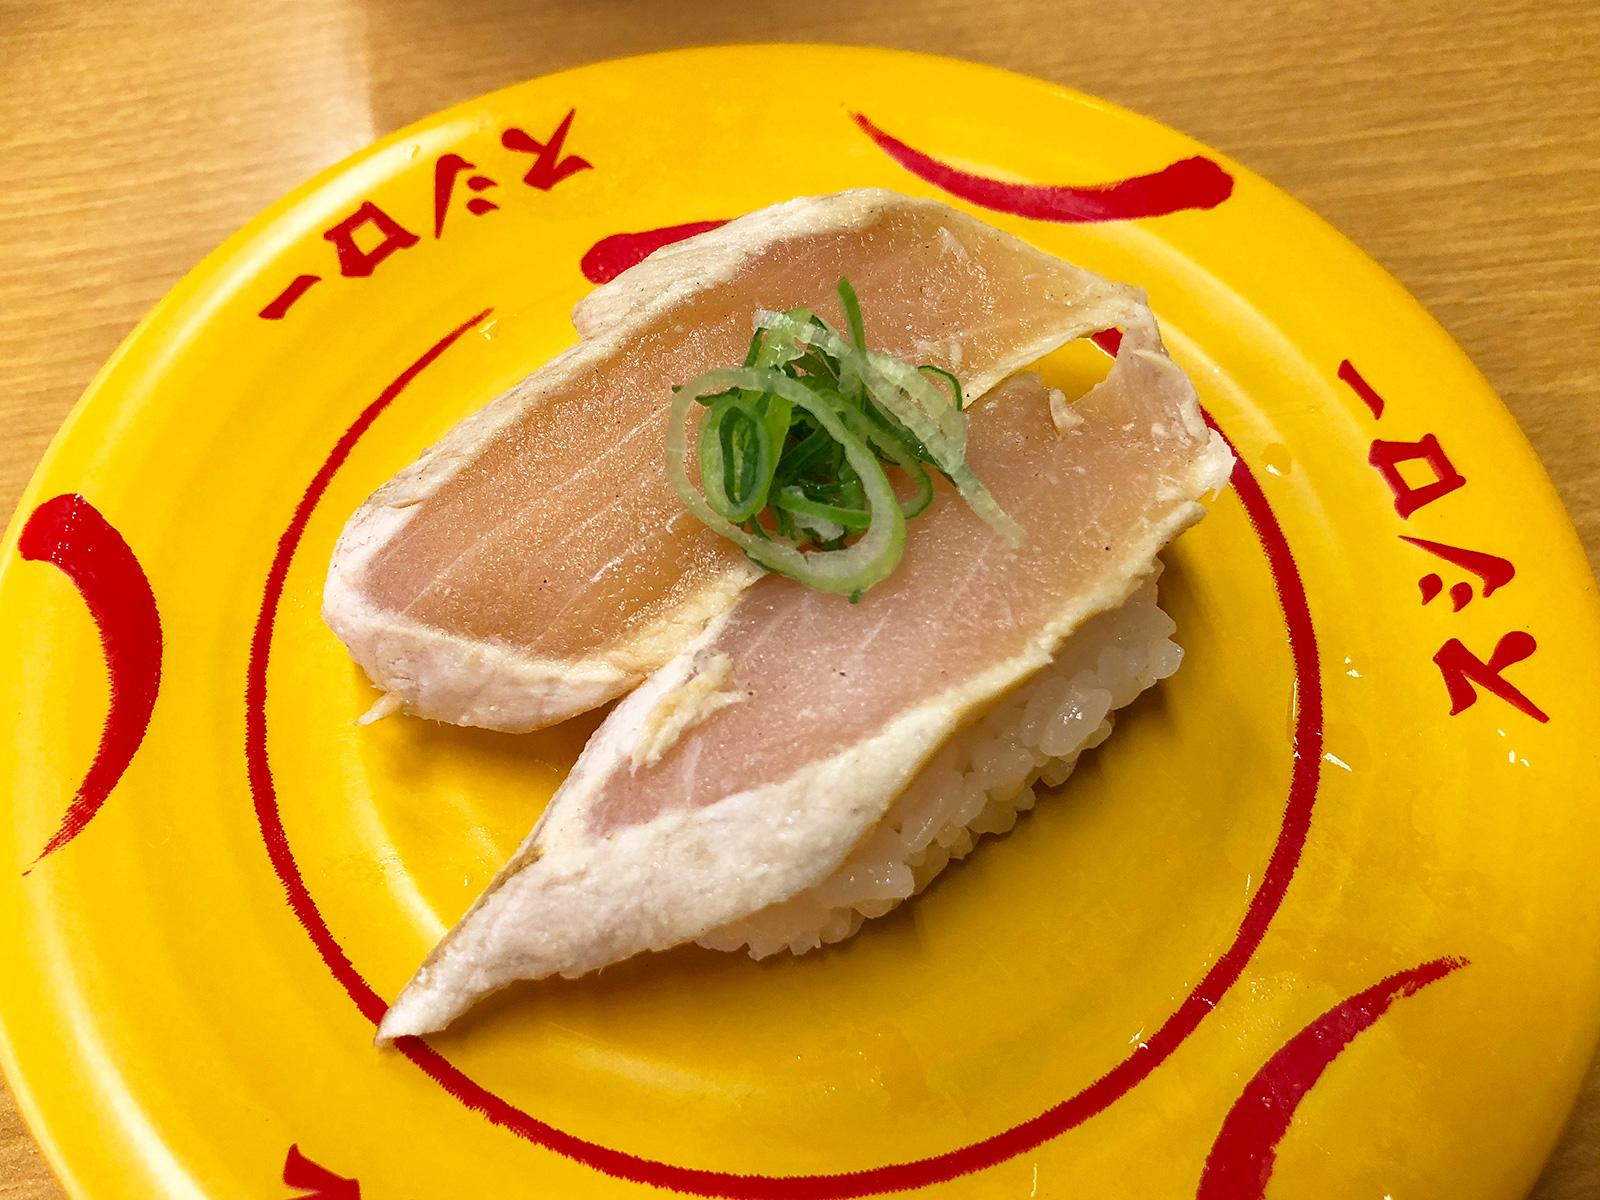 「スシロー清須古城店」のメカジキの漬けとお寿司いろいろ @西枇杷島